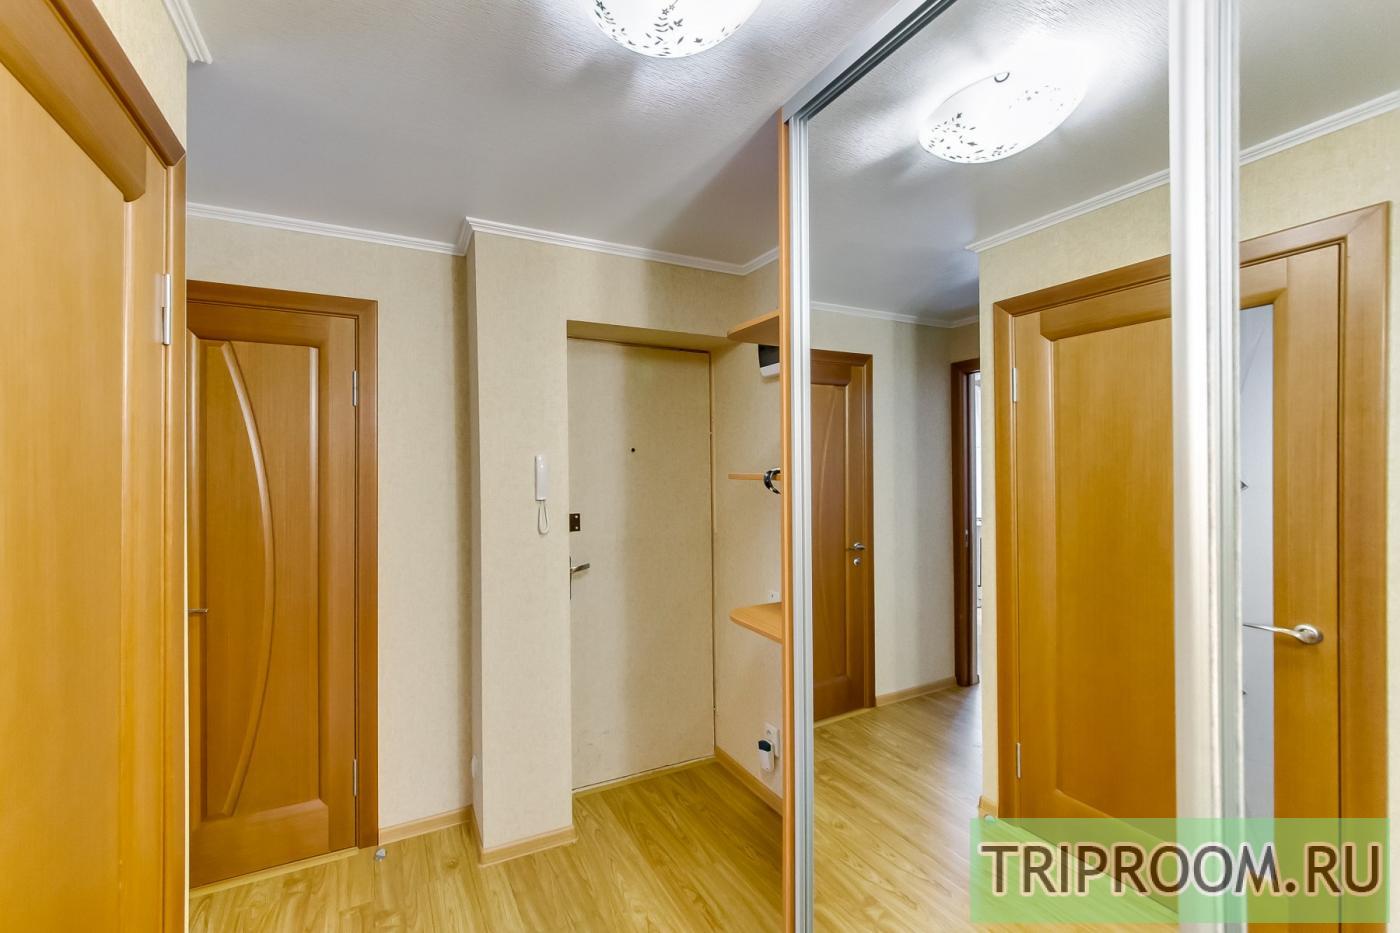 2-комнатная квартира посуточно (вариант № 18923), ул. Ленина проспект, фото № 7